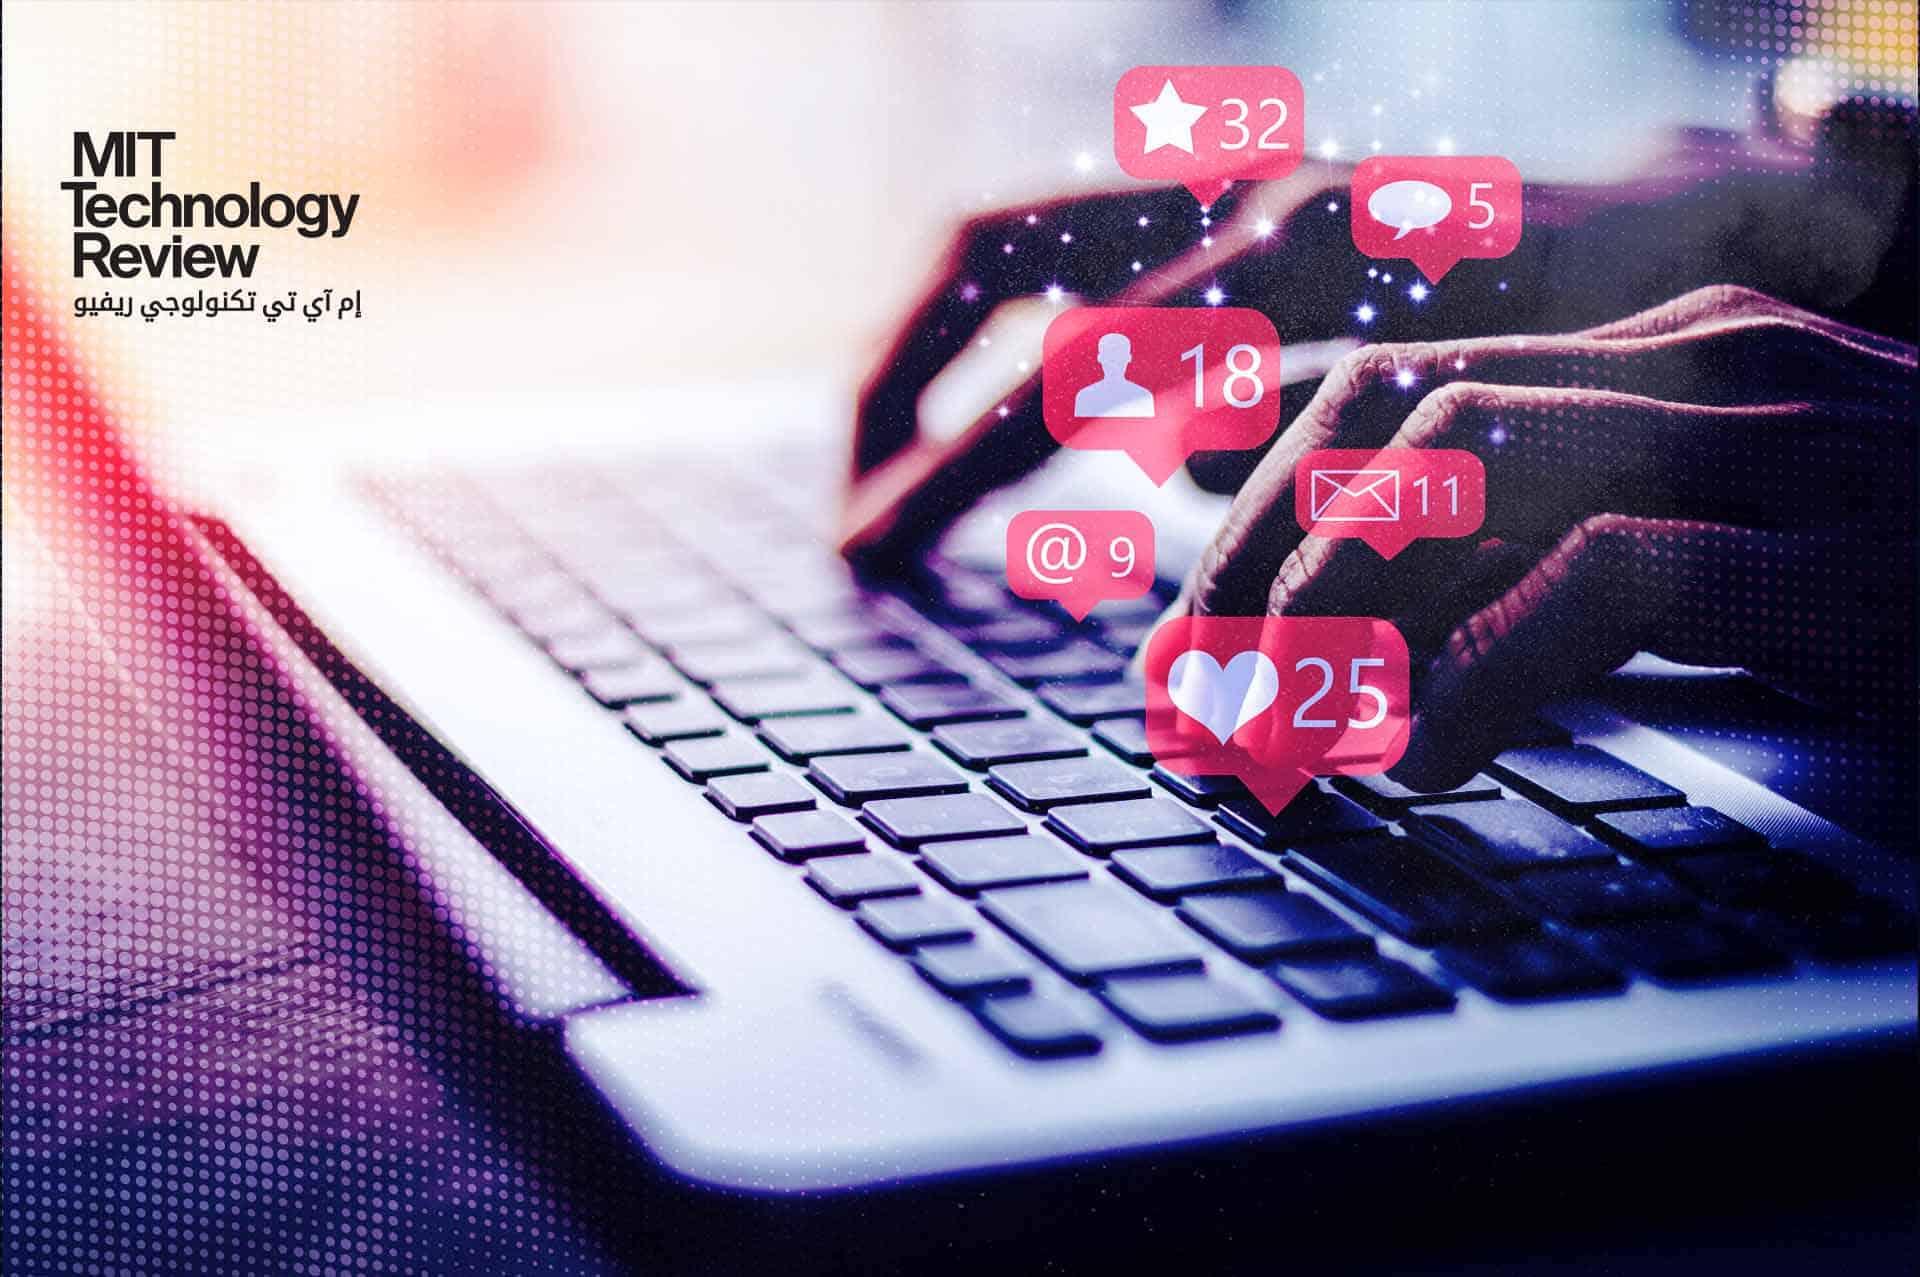 4 شركات ناشئة تستخدم الذكاء الاصطناعي في التسويق الرقمي